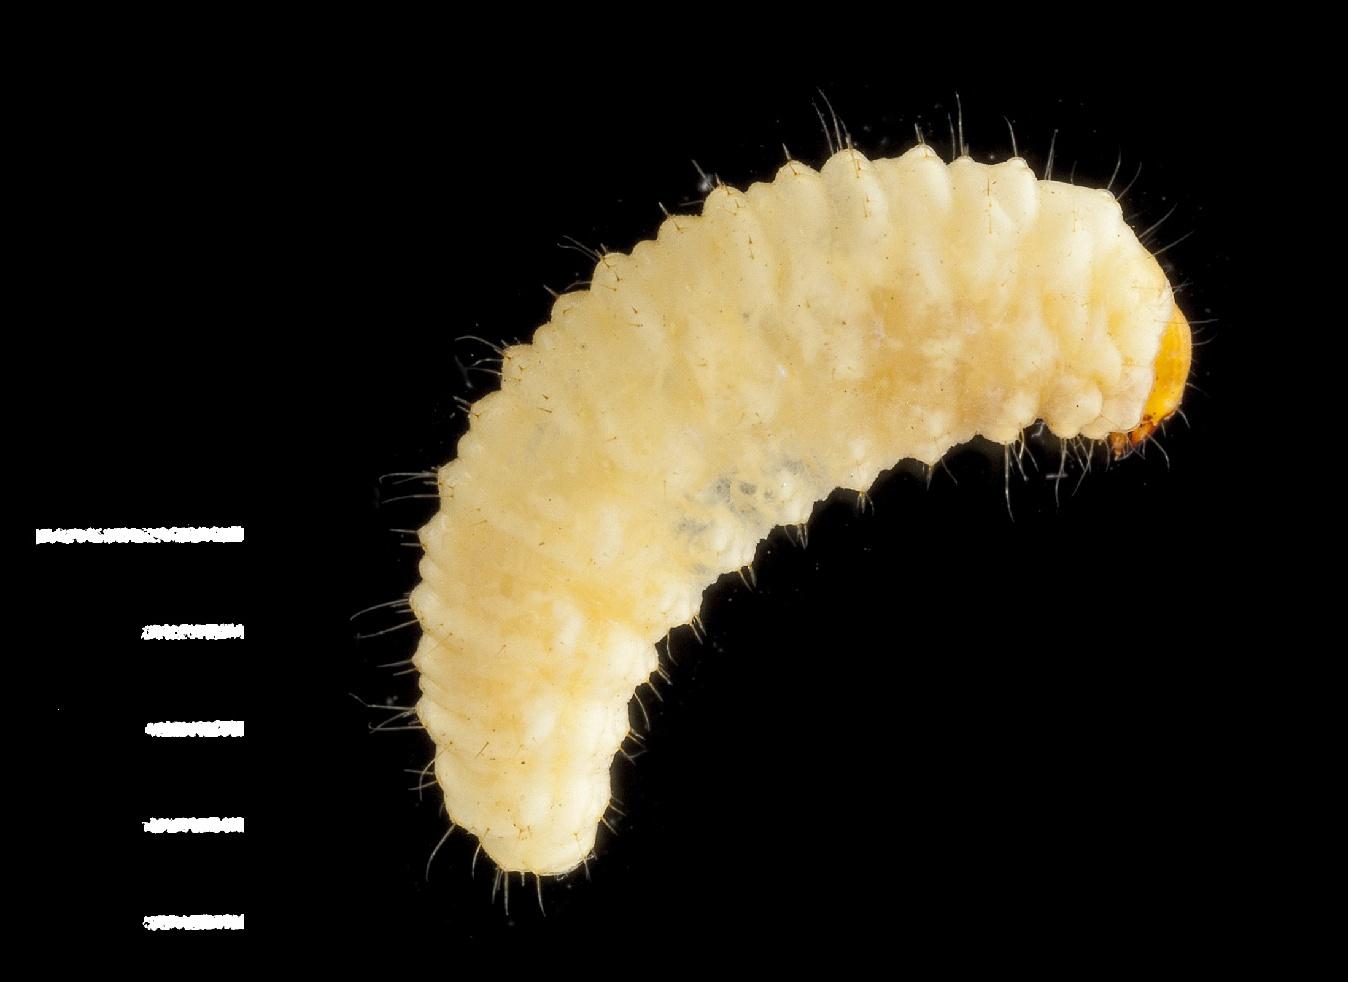 Otiorhynchus sulcatus larva